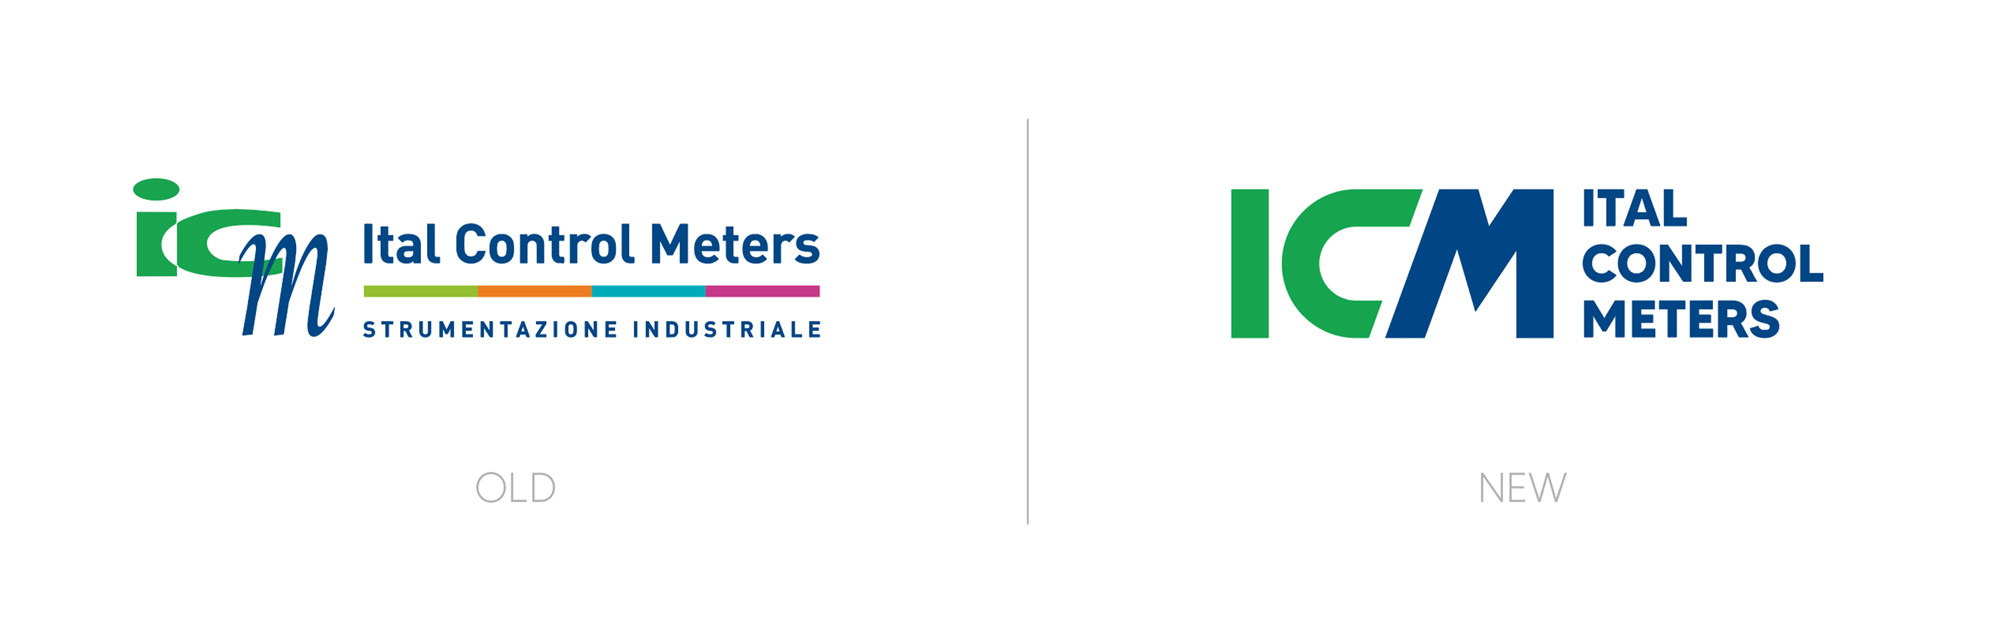 versione precedente e attuale del logo Ital Control Meters